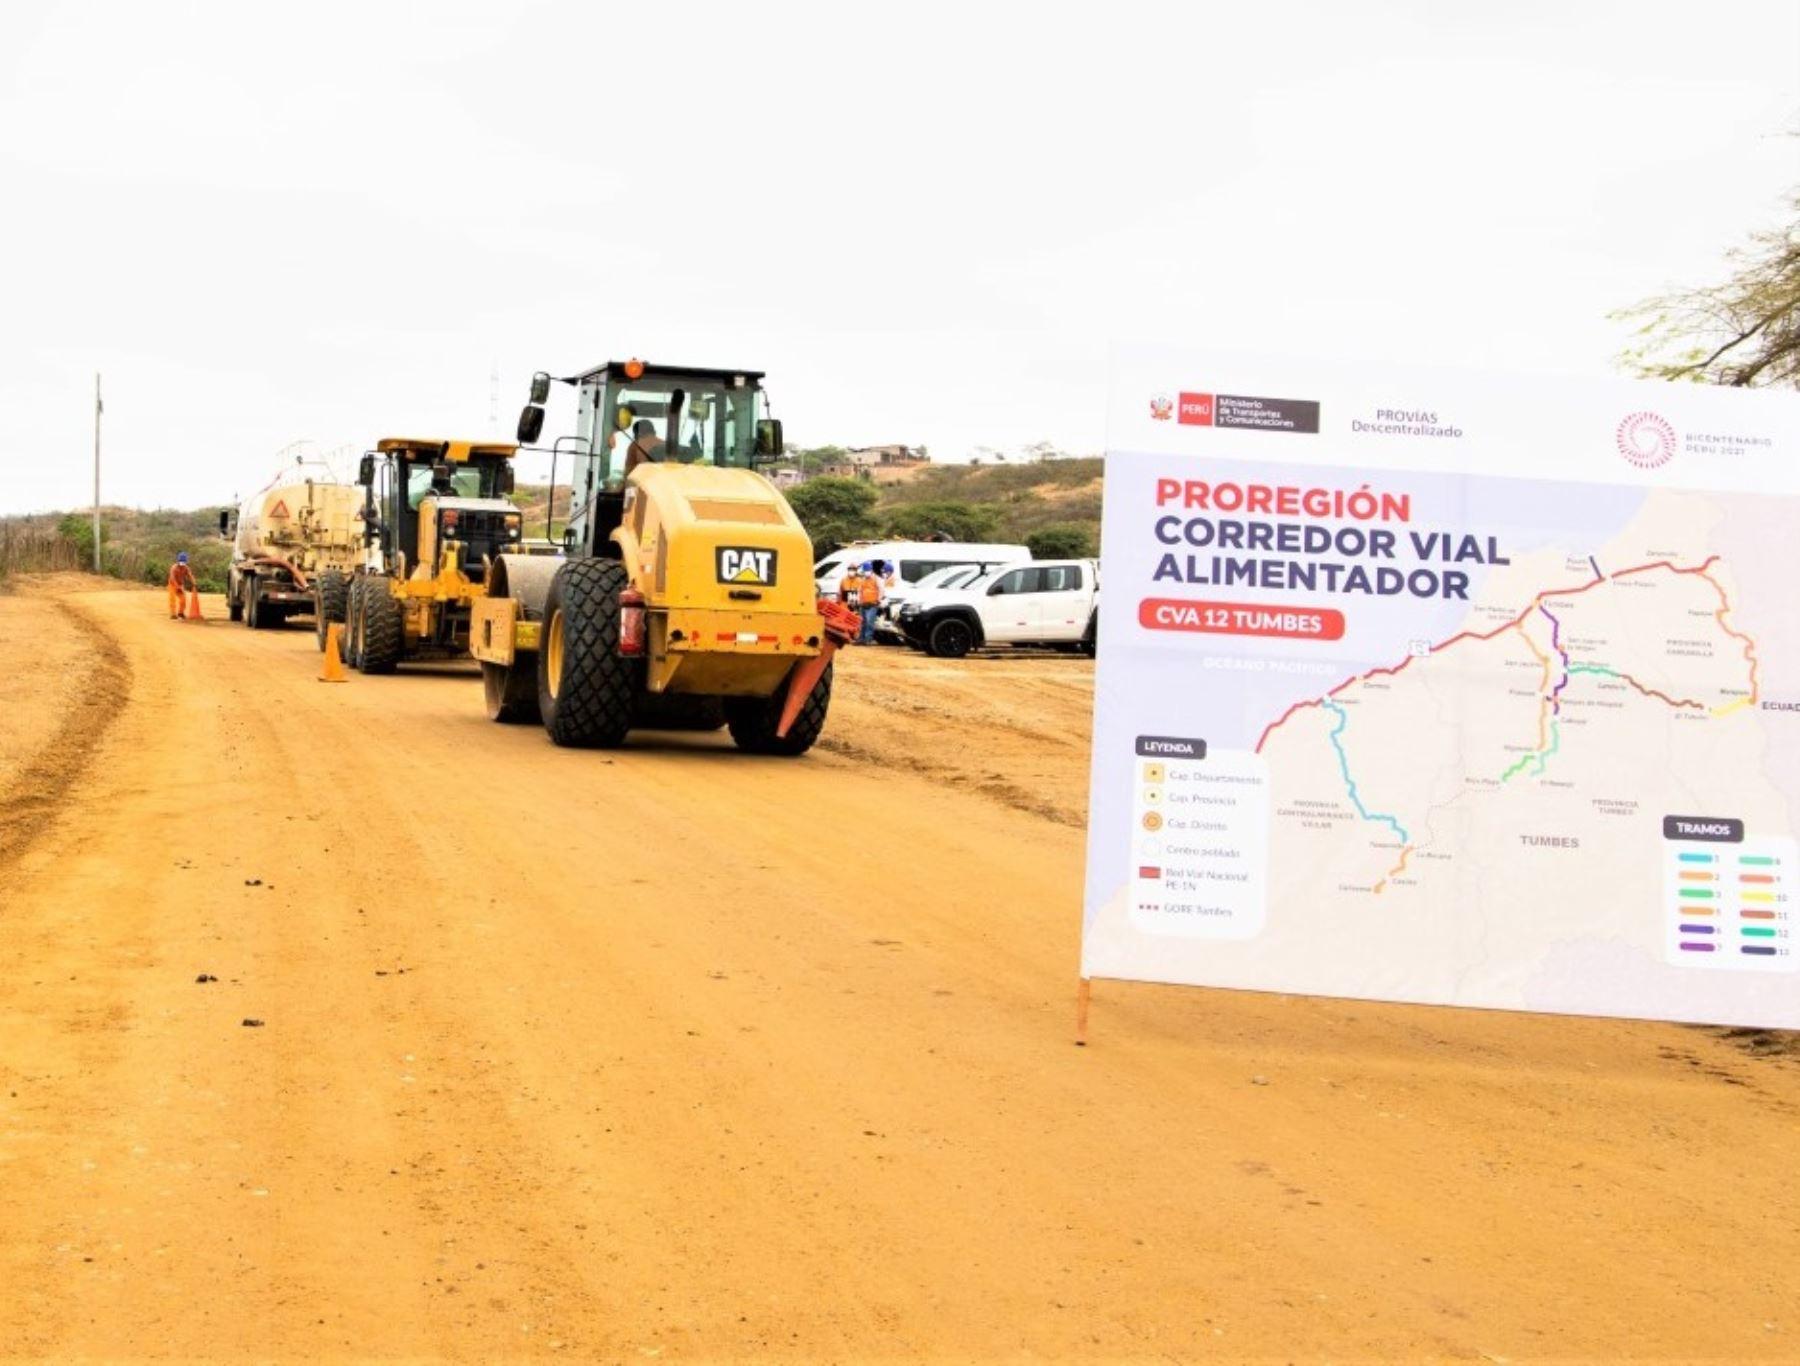 MTC destacó que programa ProRegión impulsa el desarrollo y competitividad regional con obras de mejoramiento de más de 15,000 km de caminos departamentales. Foto: ANDINA/difusión.